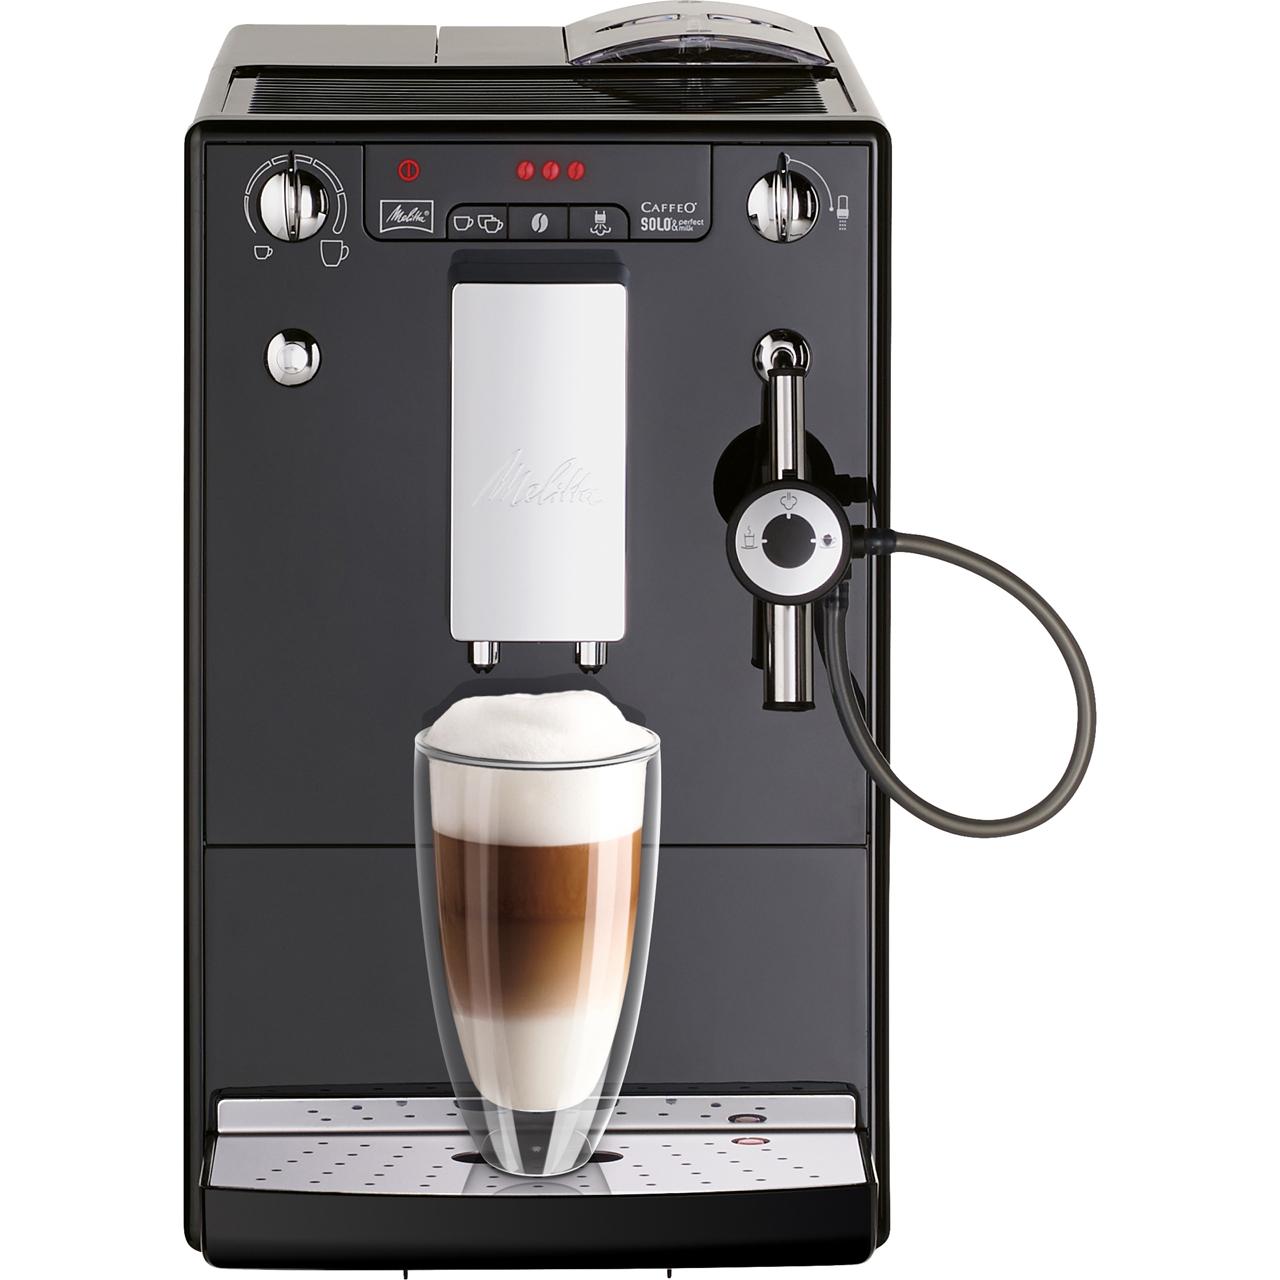 Melitta Caffeo Solo Perfect Milk 6679163 Bean To Cup Coffee Machine Black